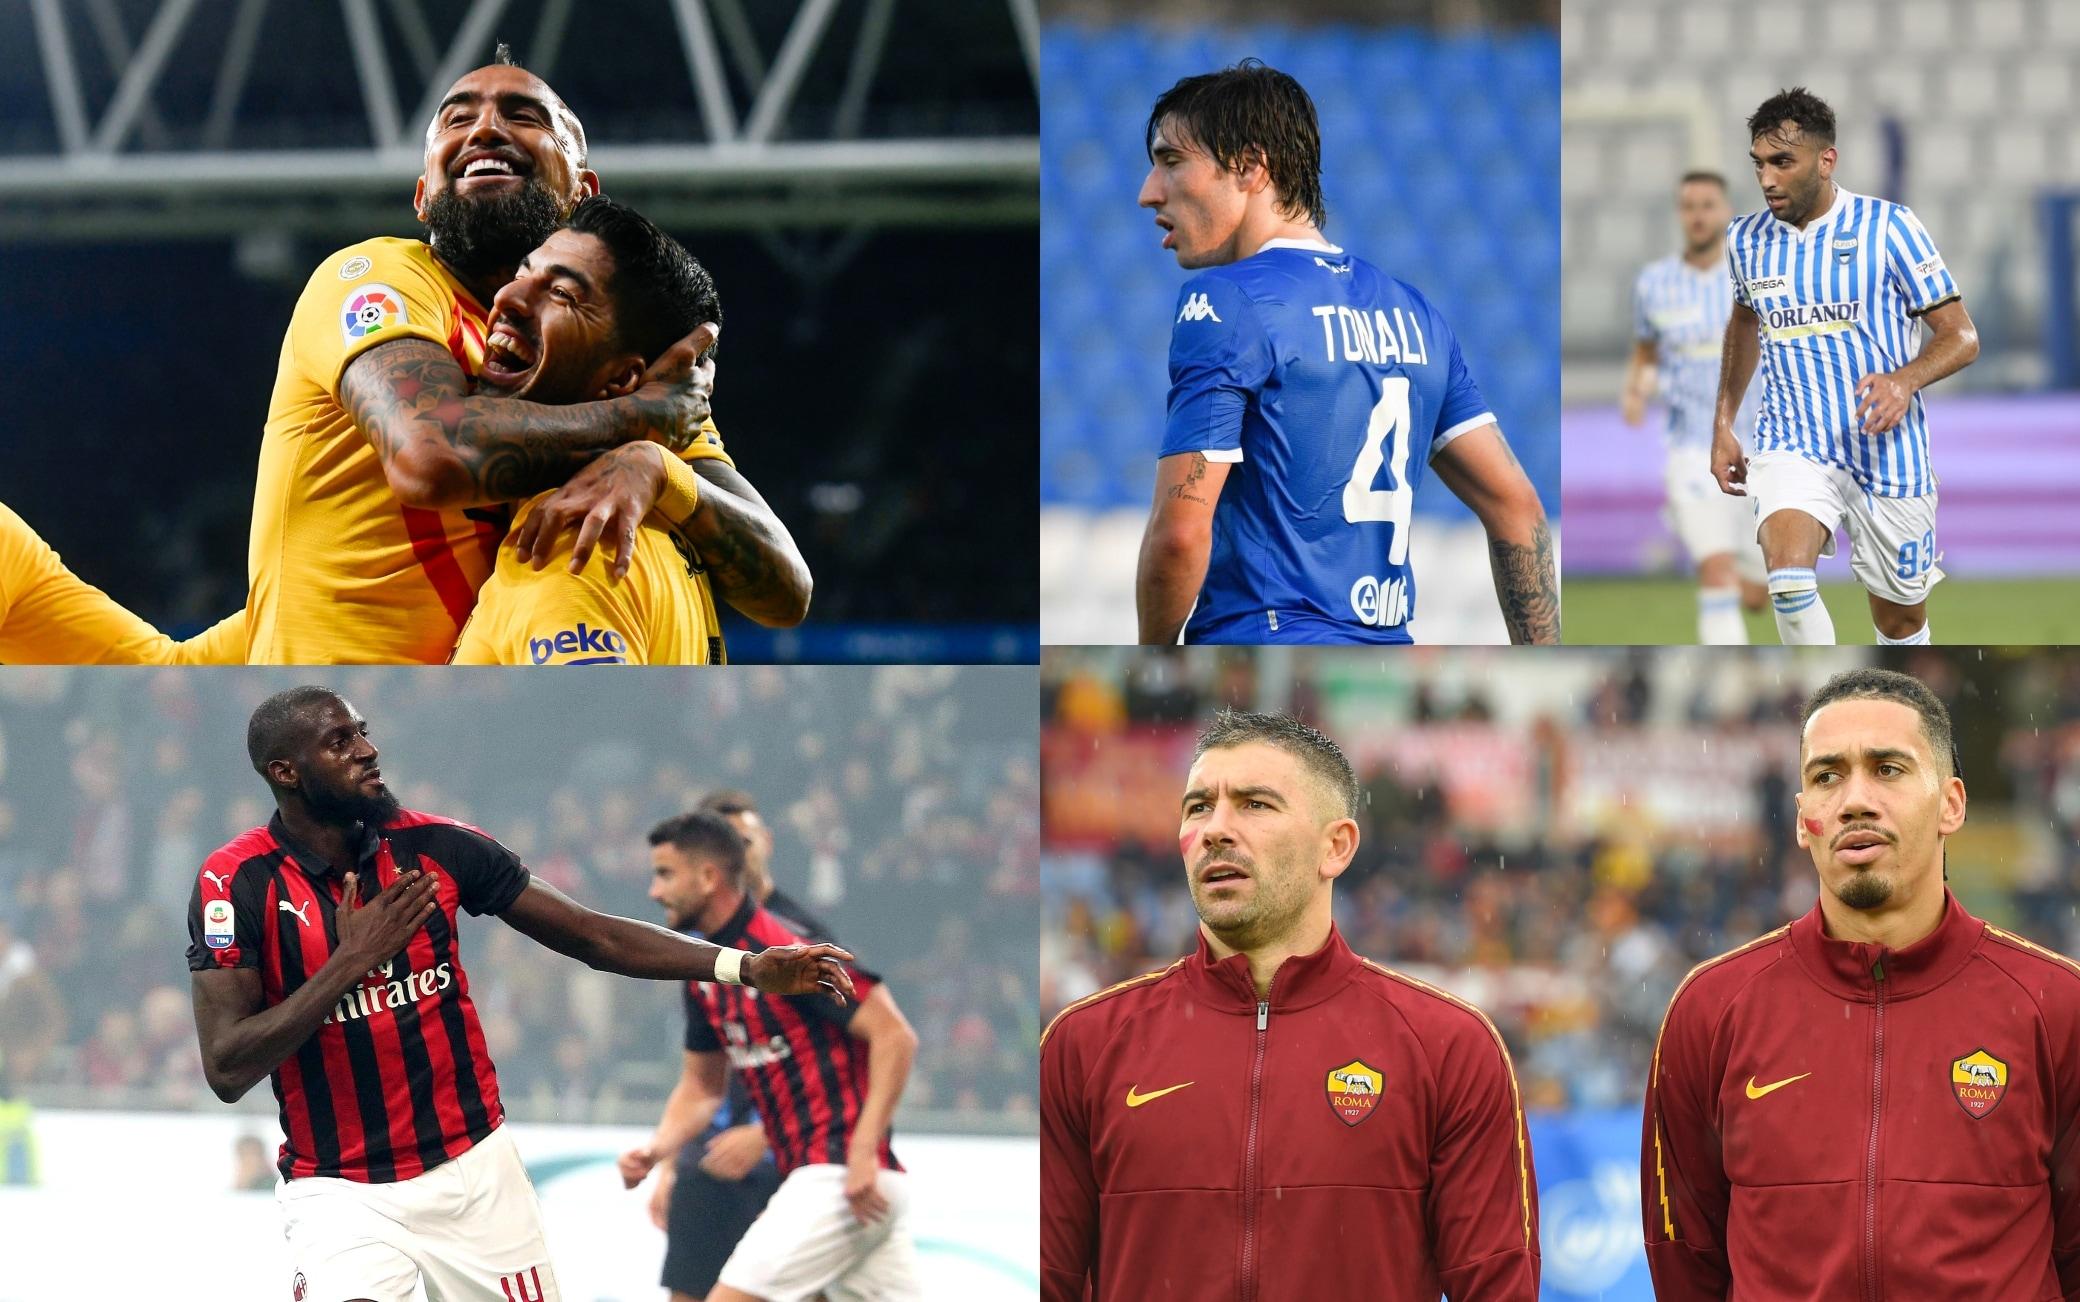 Calciomercato Serie A Le Trattative E Gli Acquisti Di Questa Settimana Sky Sport